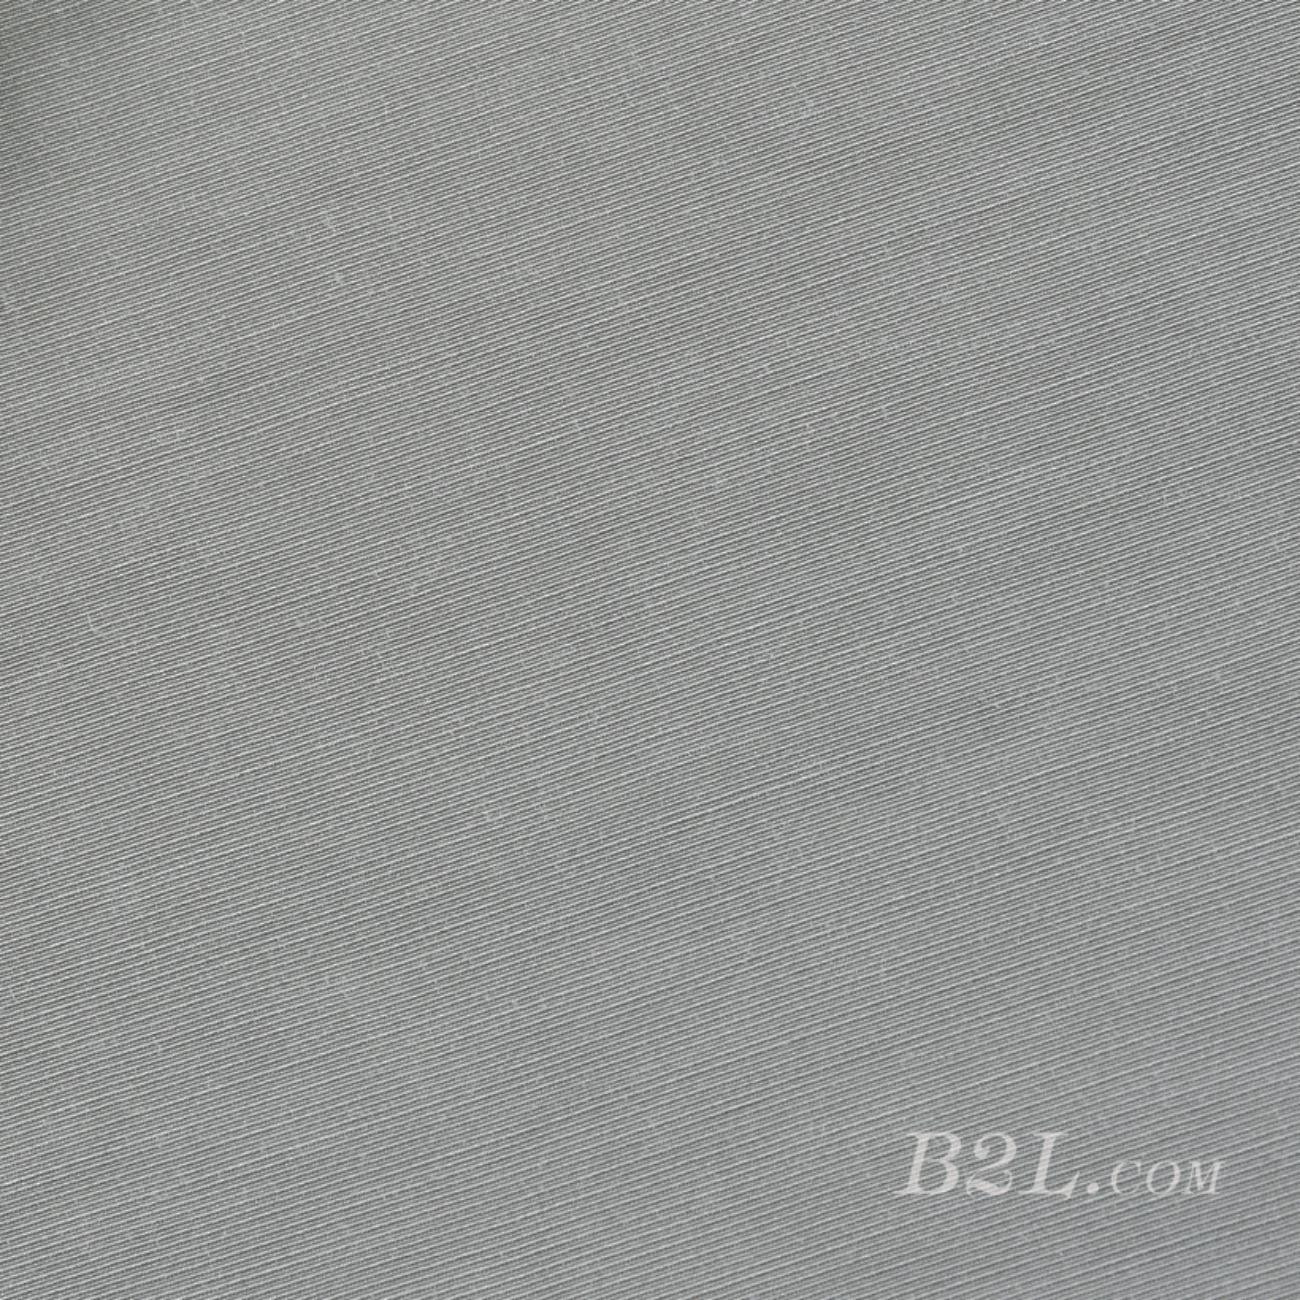 素色 梭织 染色 低弹 全涤 外套 连衣裙 时装 80910-11